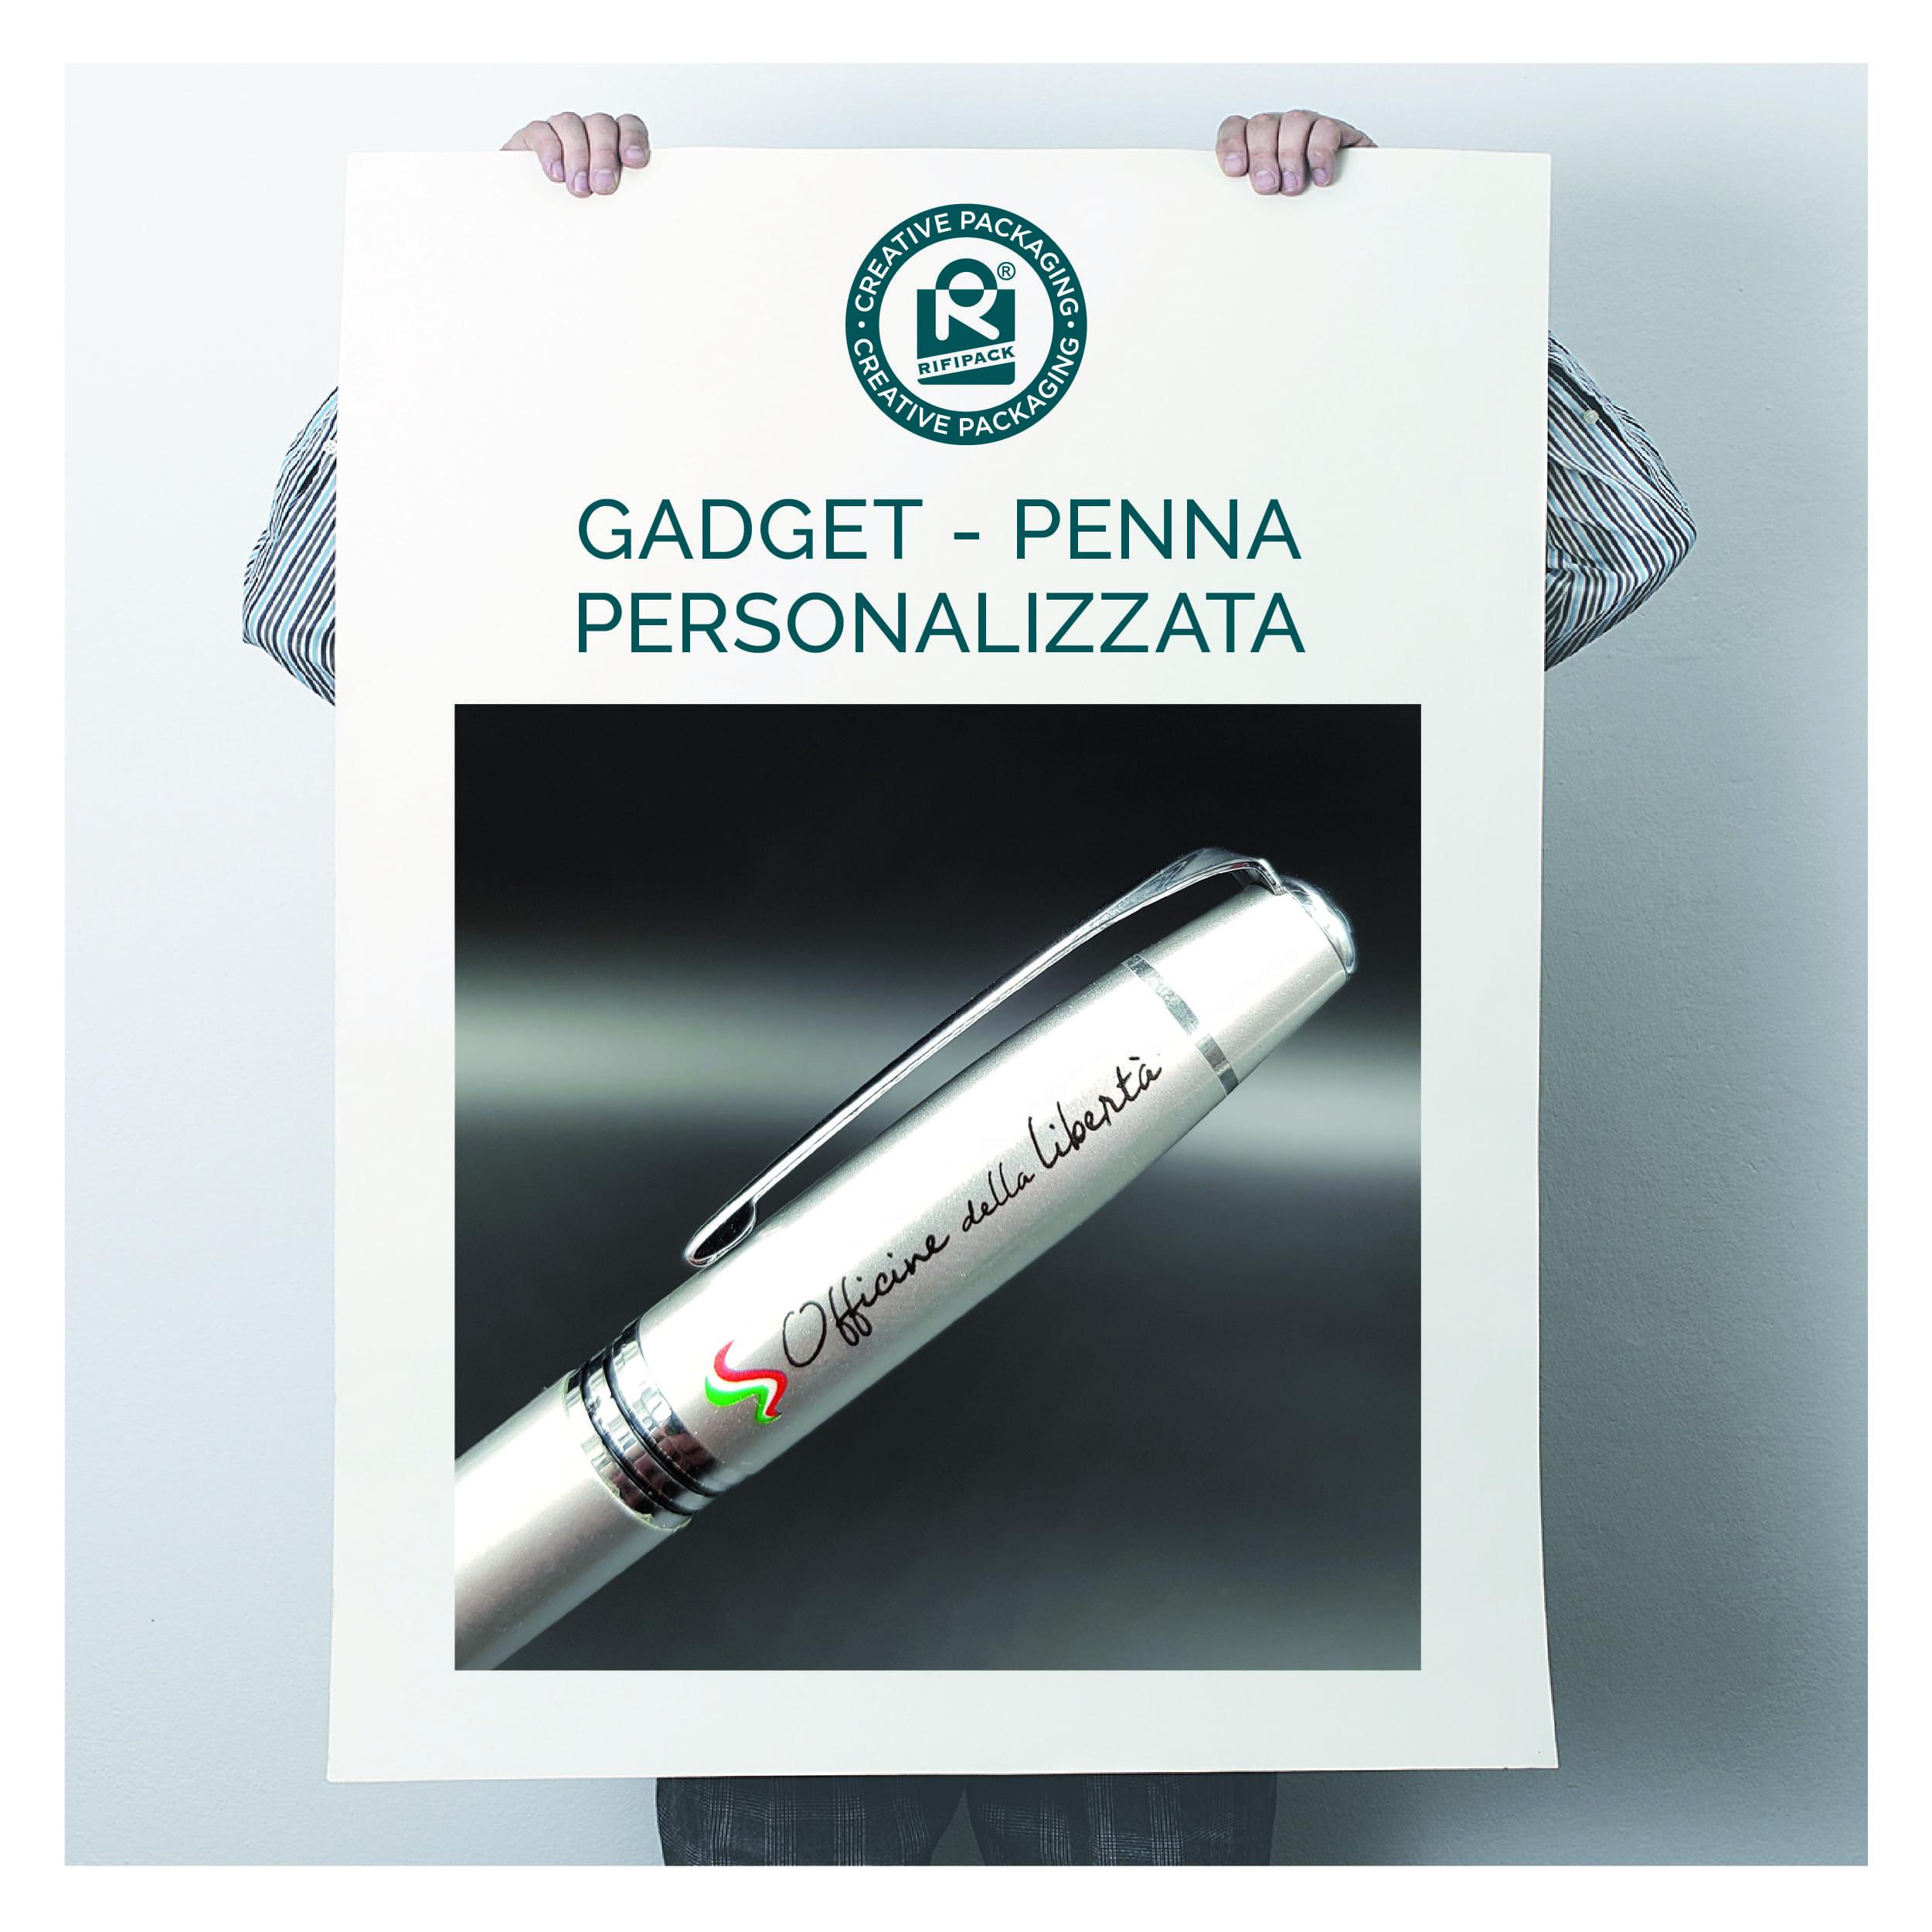 rifipack penna personalizzata gadget